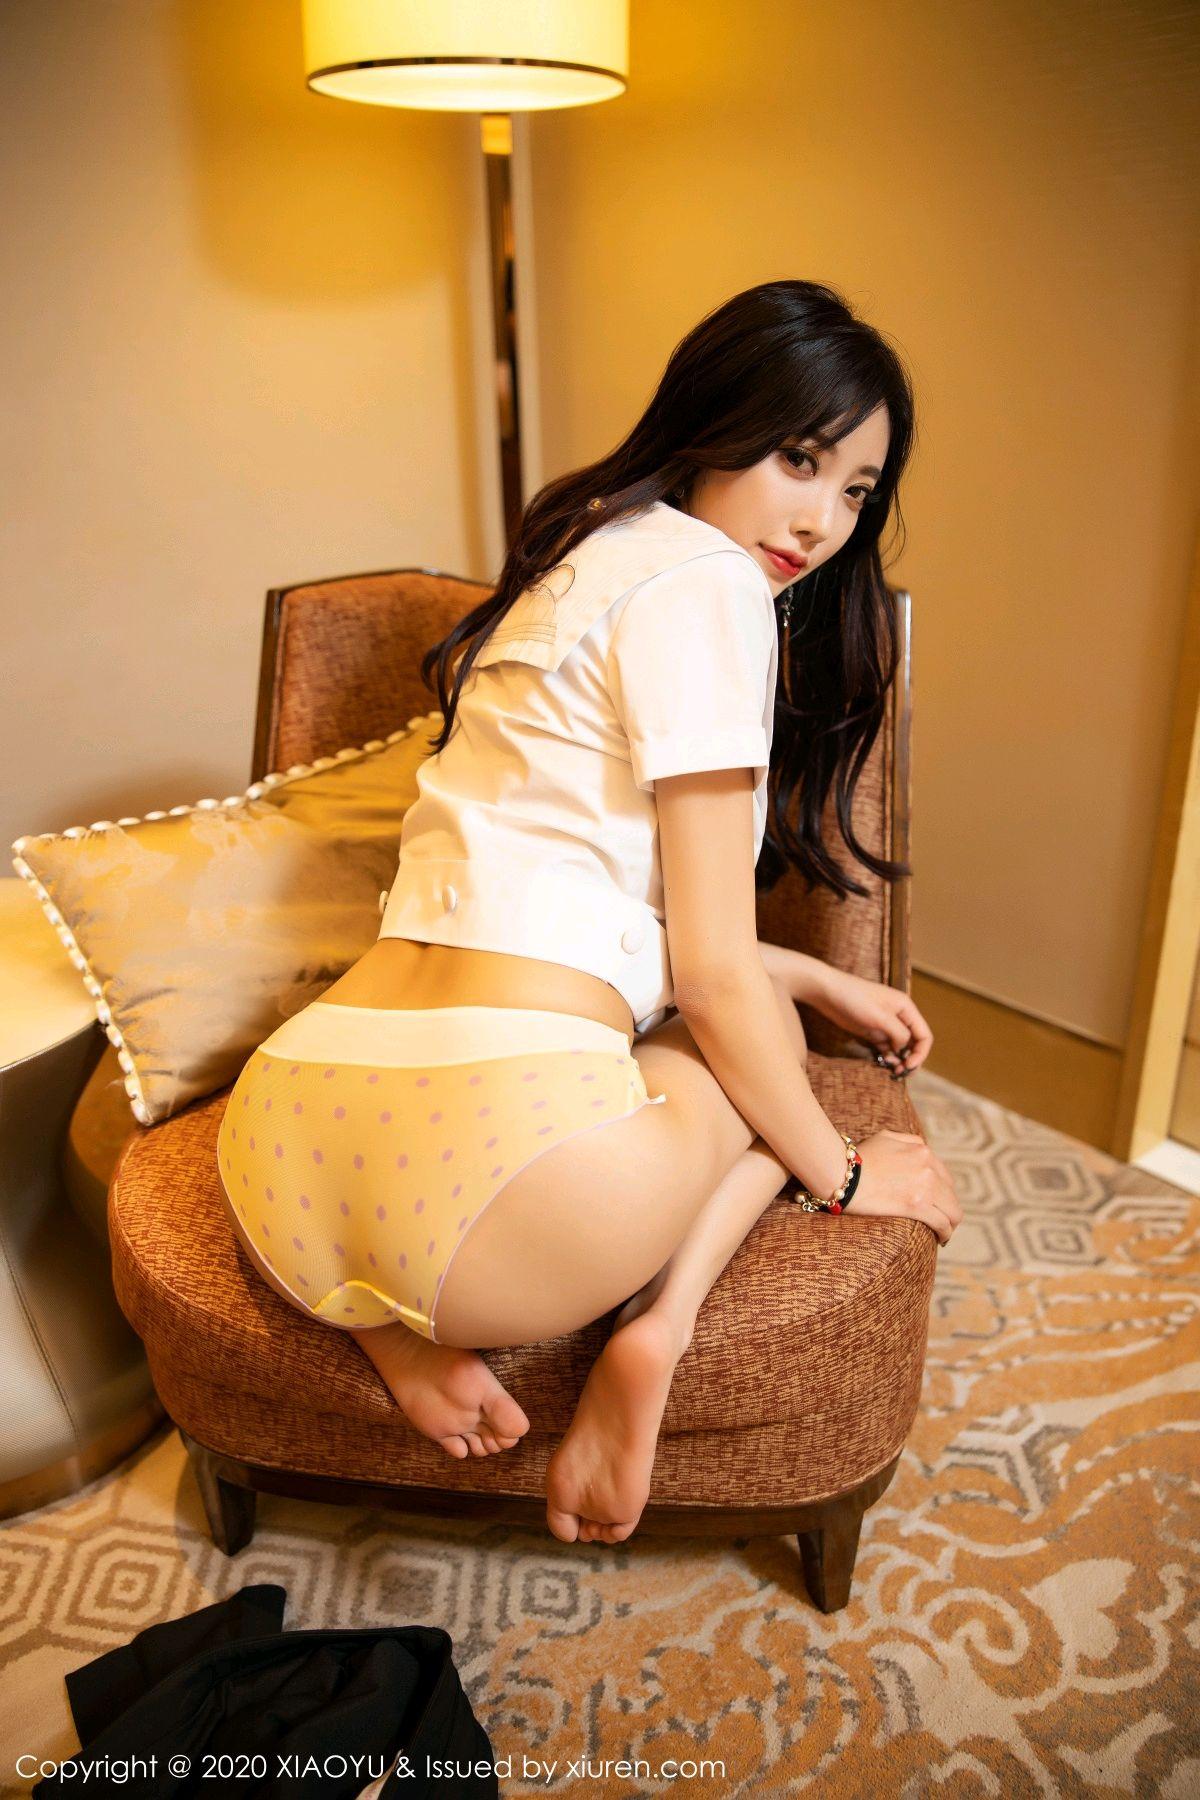 [XIAOYU] Vol.305 Yang Chen Chen 47P, Sexy, Underwear, Uniform, XiaoYu, Yang Chen Chen